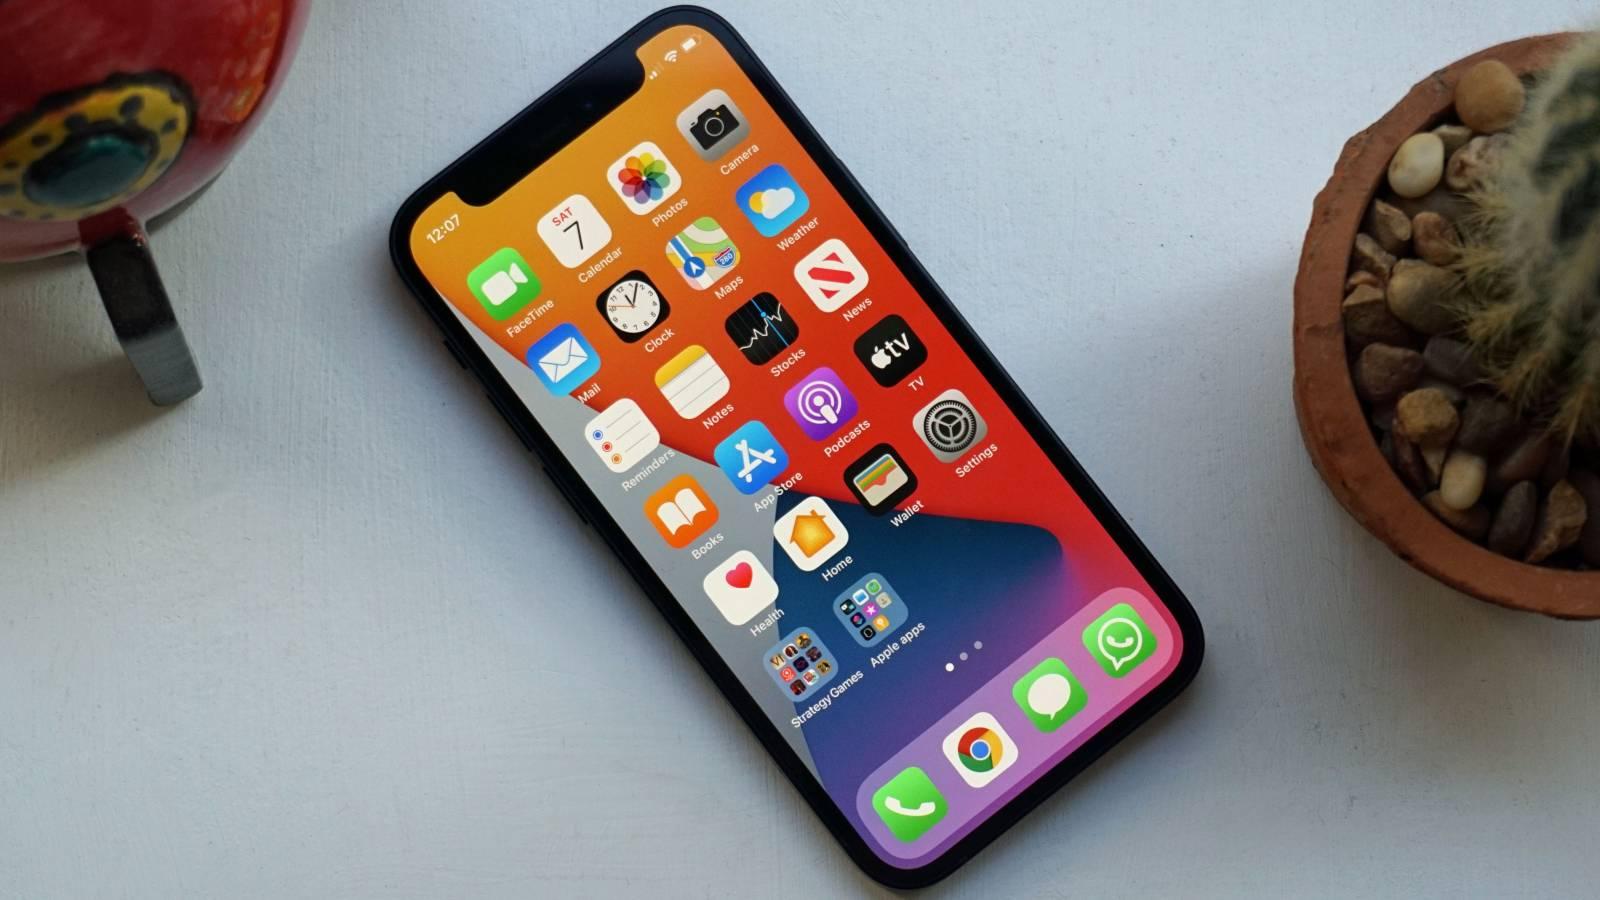 iPhone 138 de Milioane de Dispozitive Infectate cu Malware